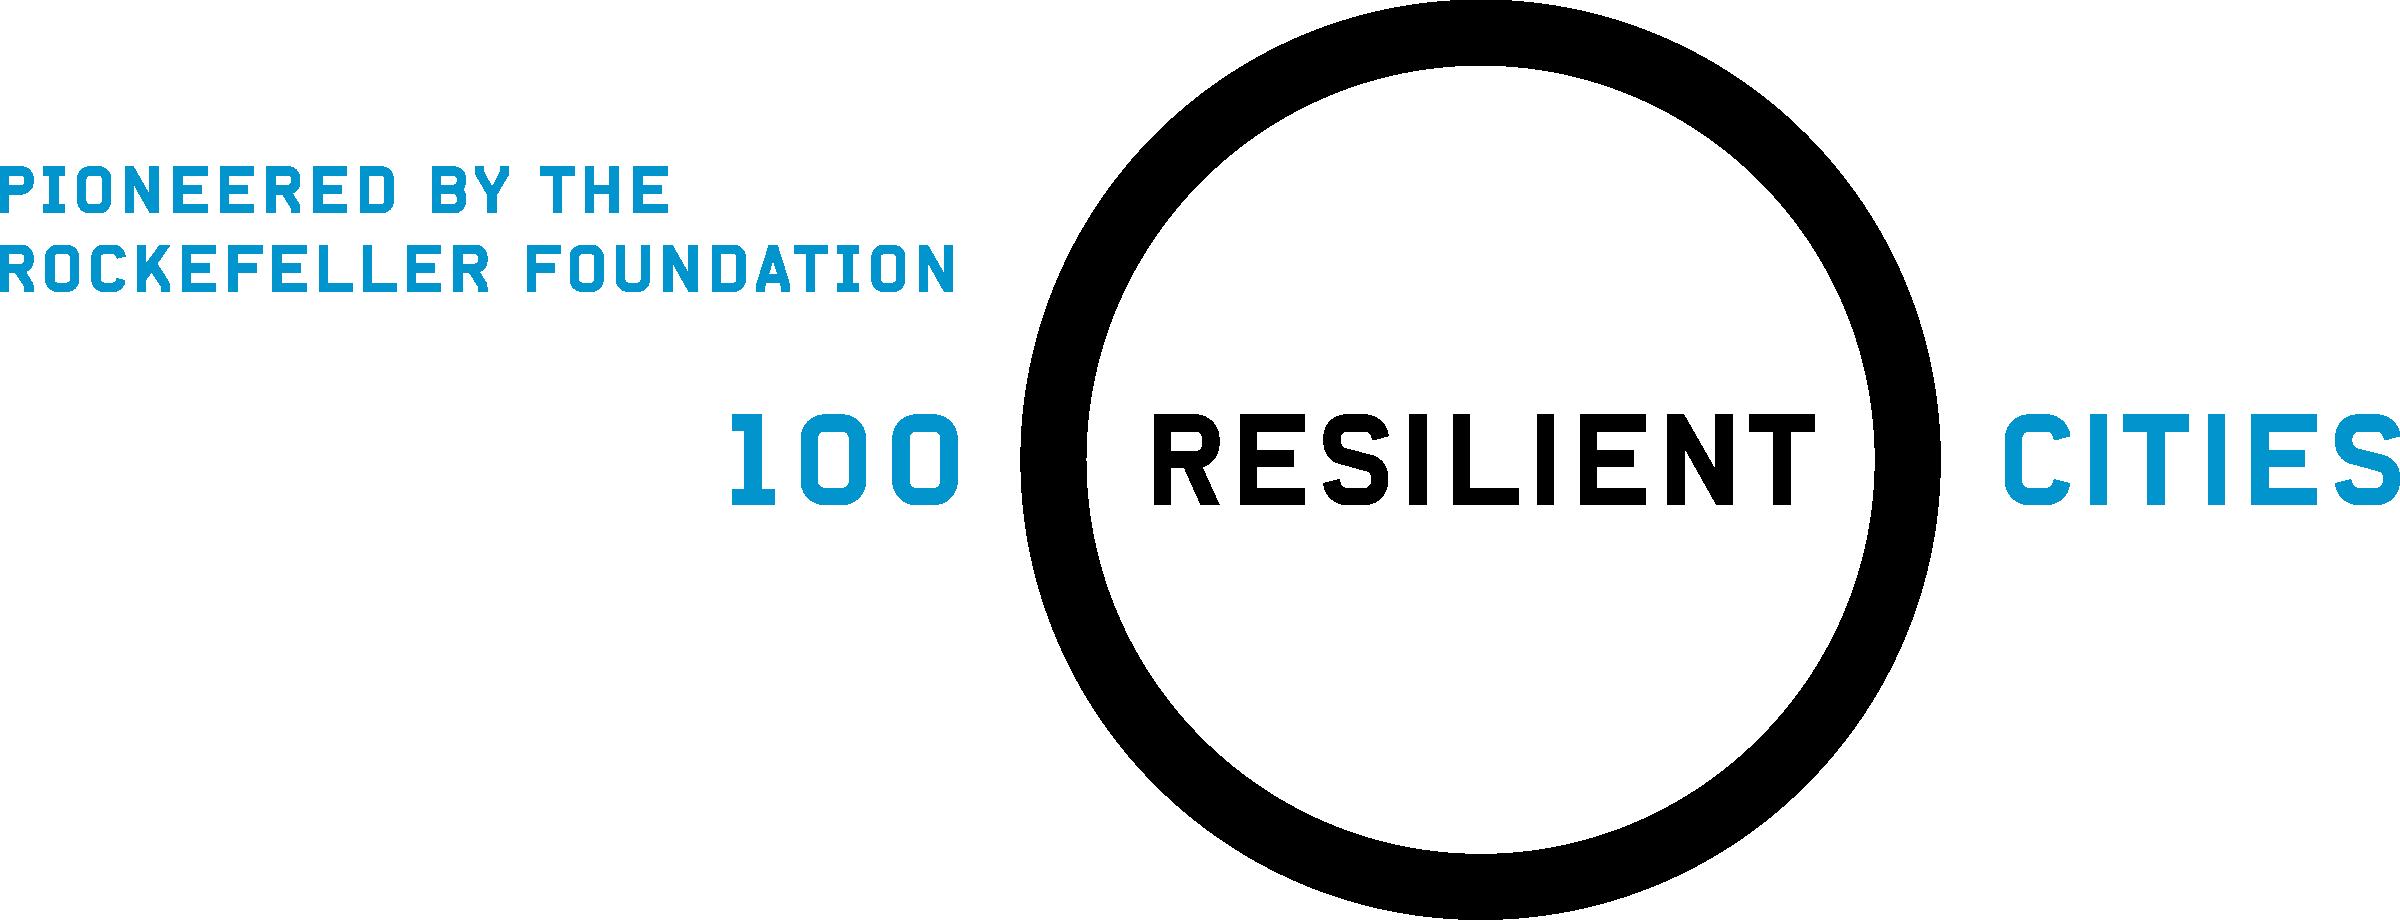 100 RC LOGO.png